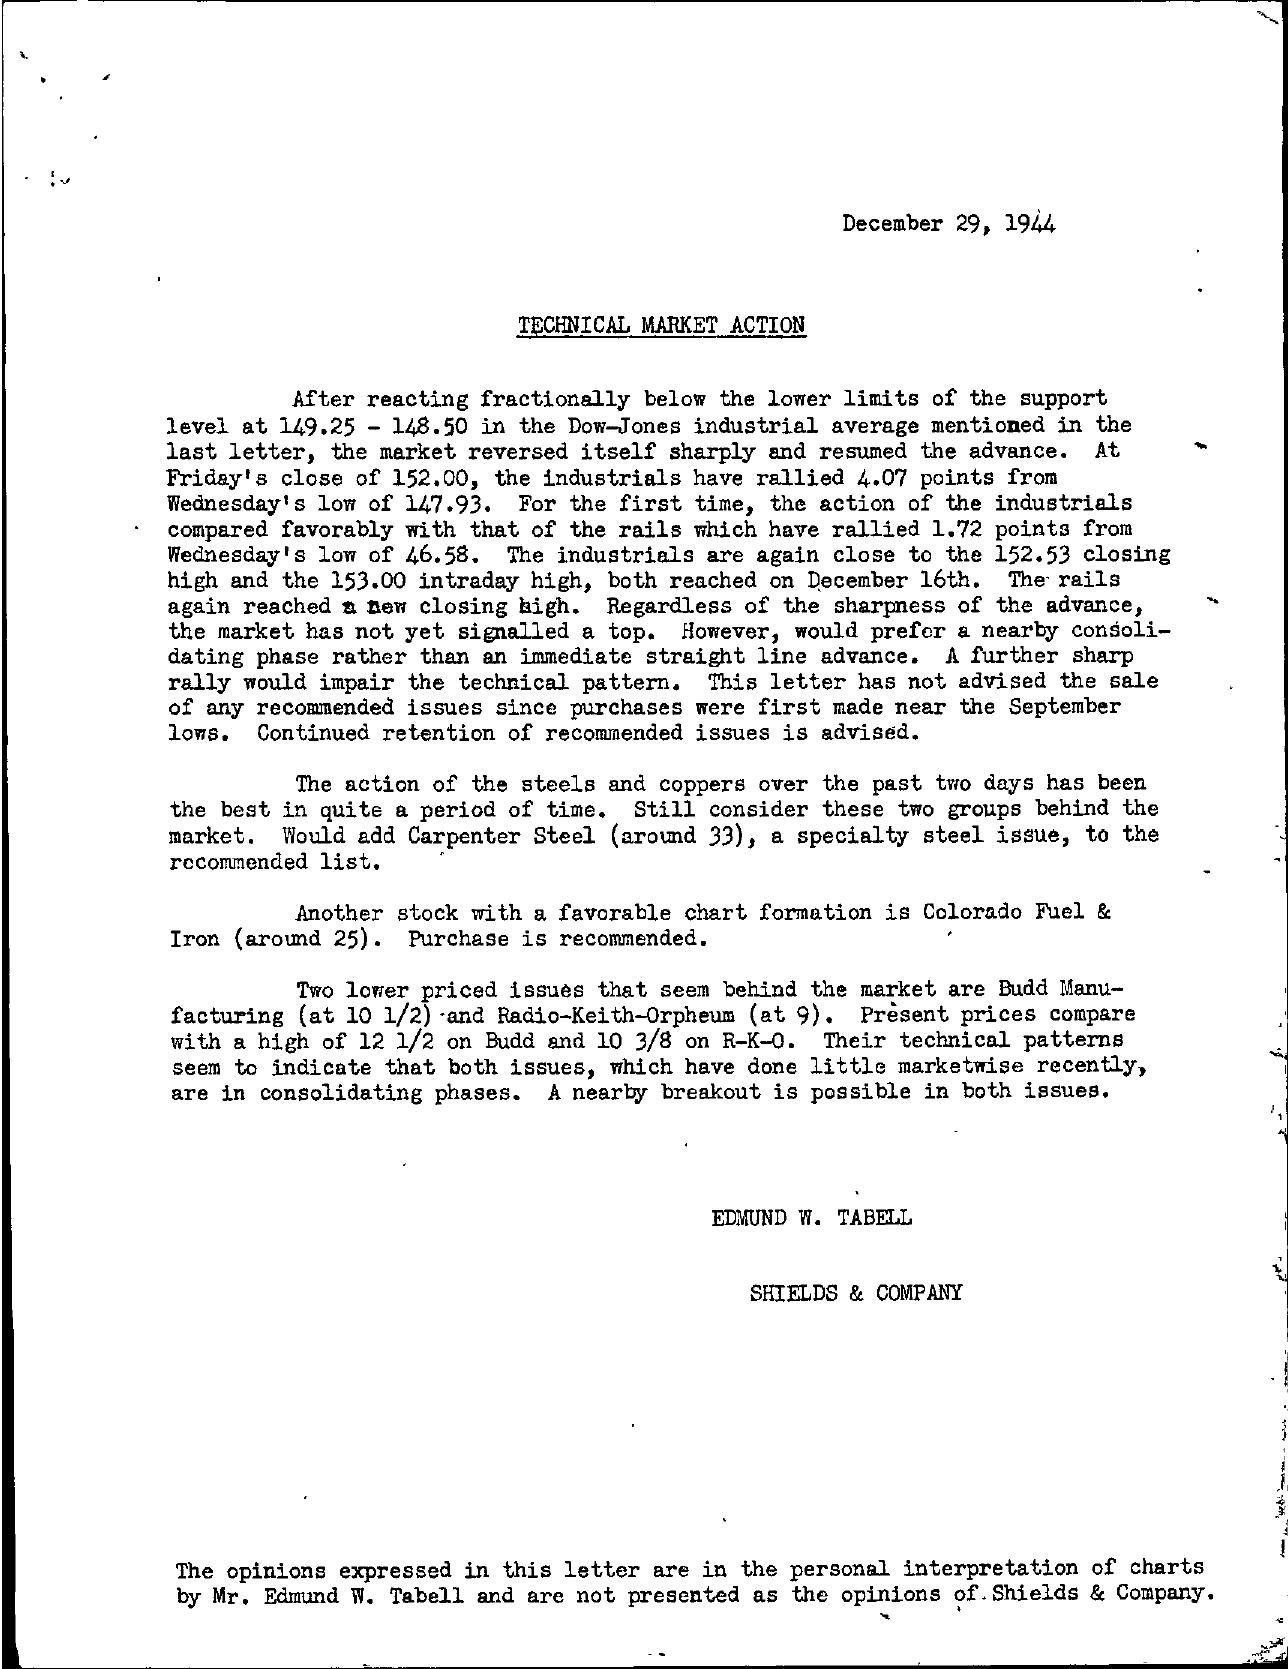 Tabell's Market Letter - December 29, 1944